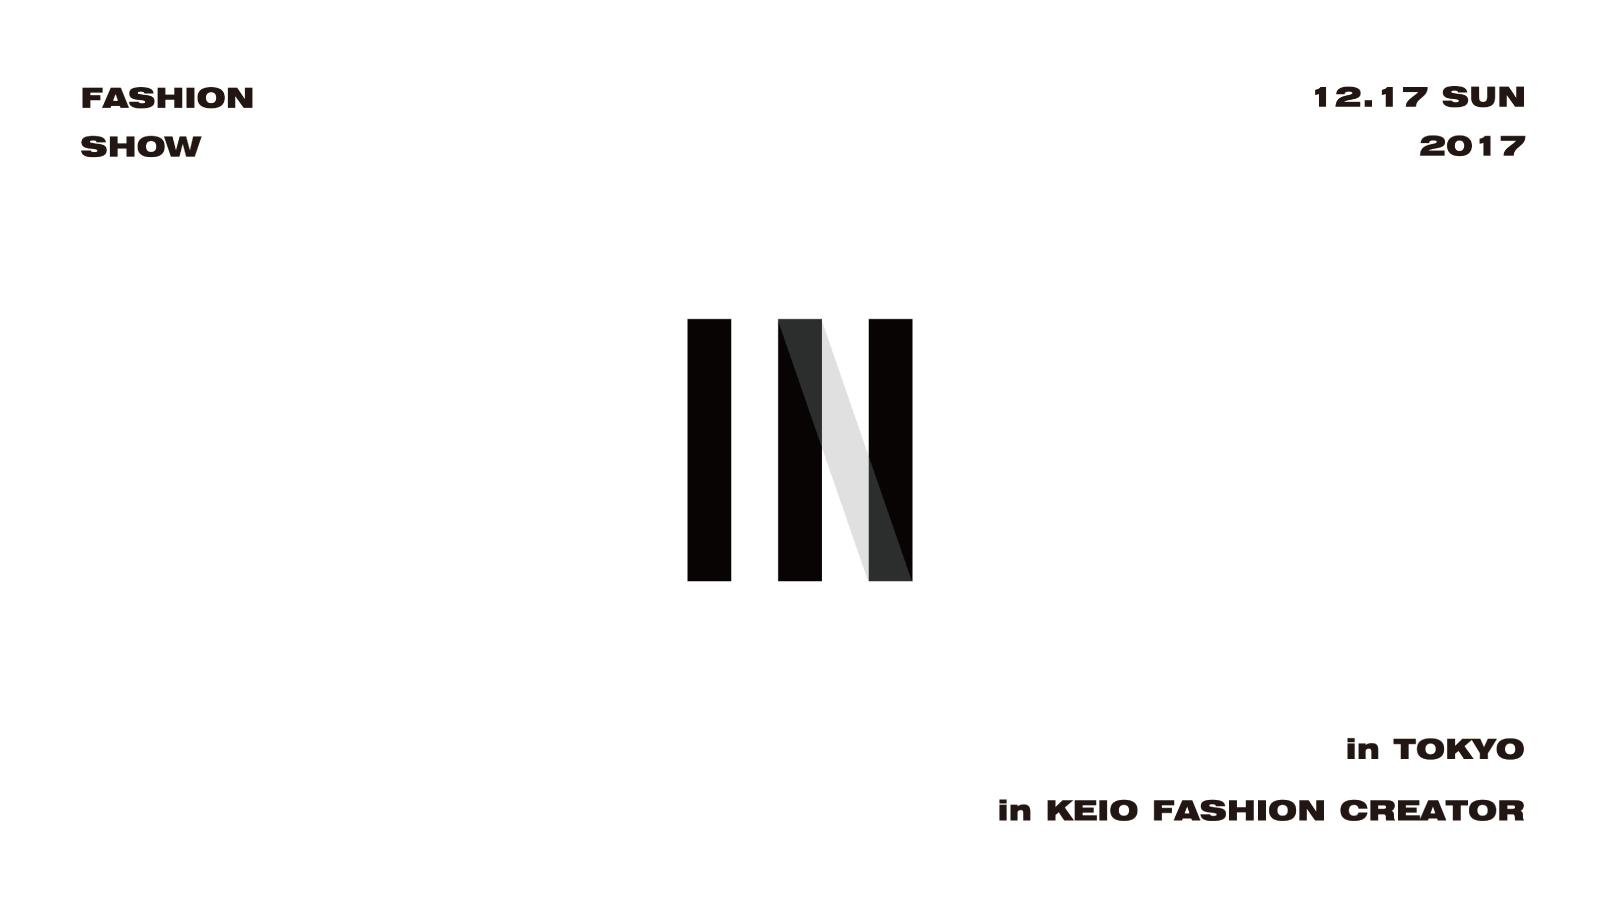 若者カルチャーの中心地「東京」をテーマに|慶應義塾大学/Keio Fashion Creatorが12月17日(日)にファッションショーを開催